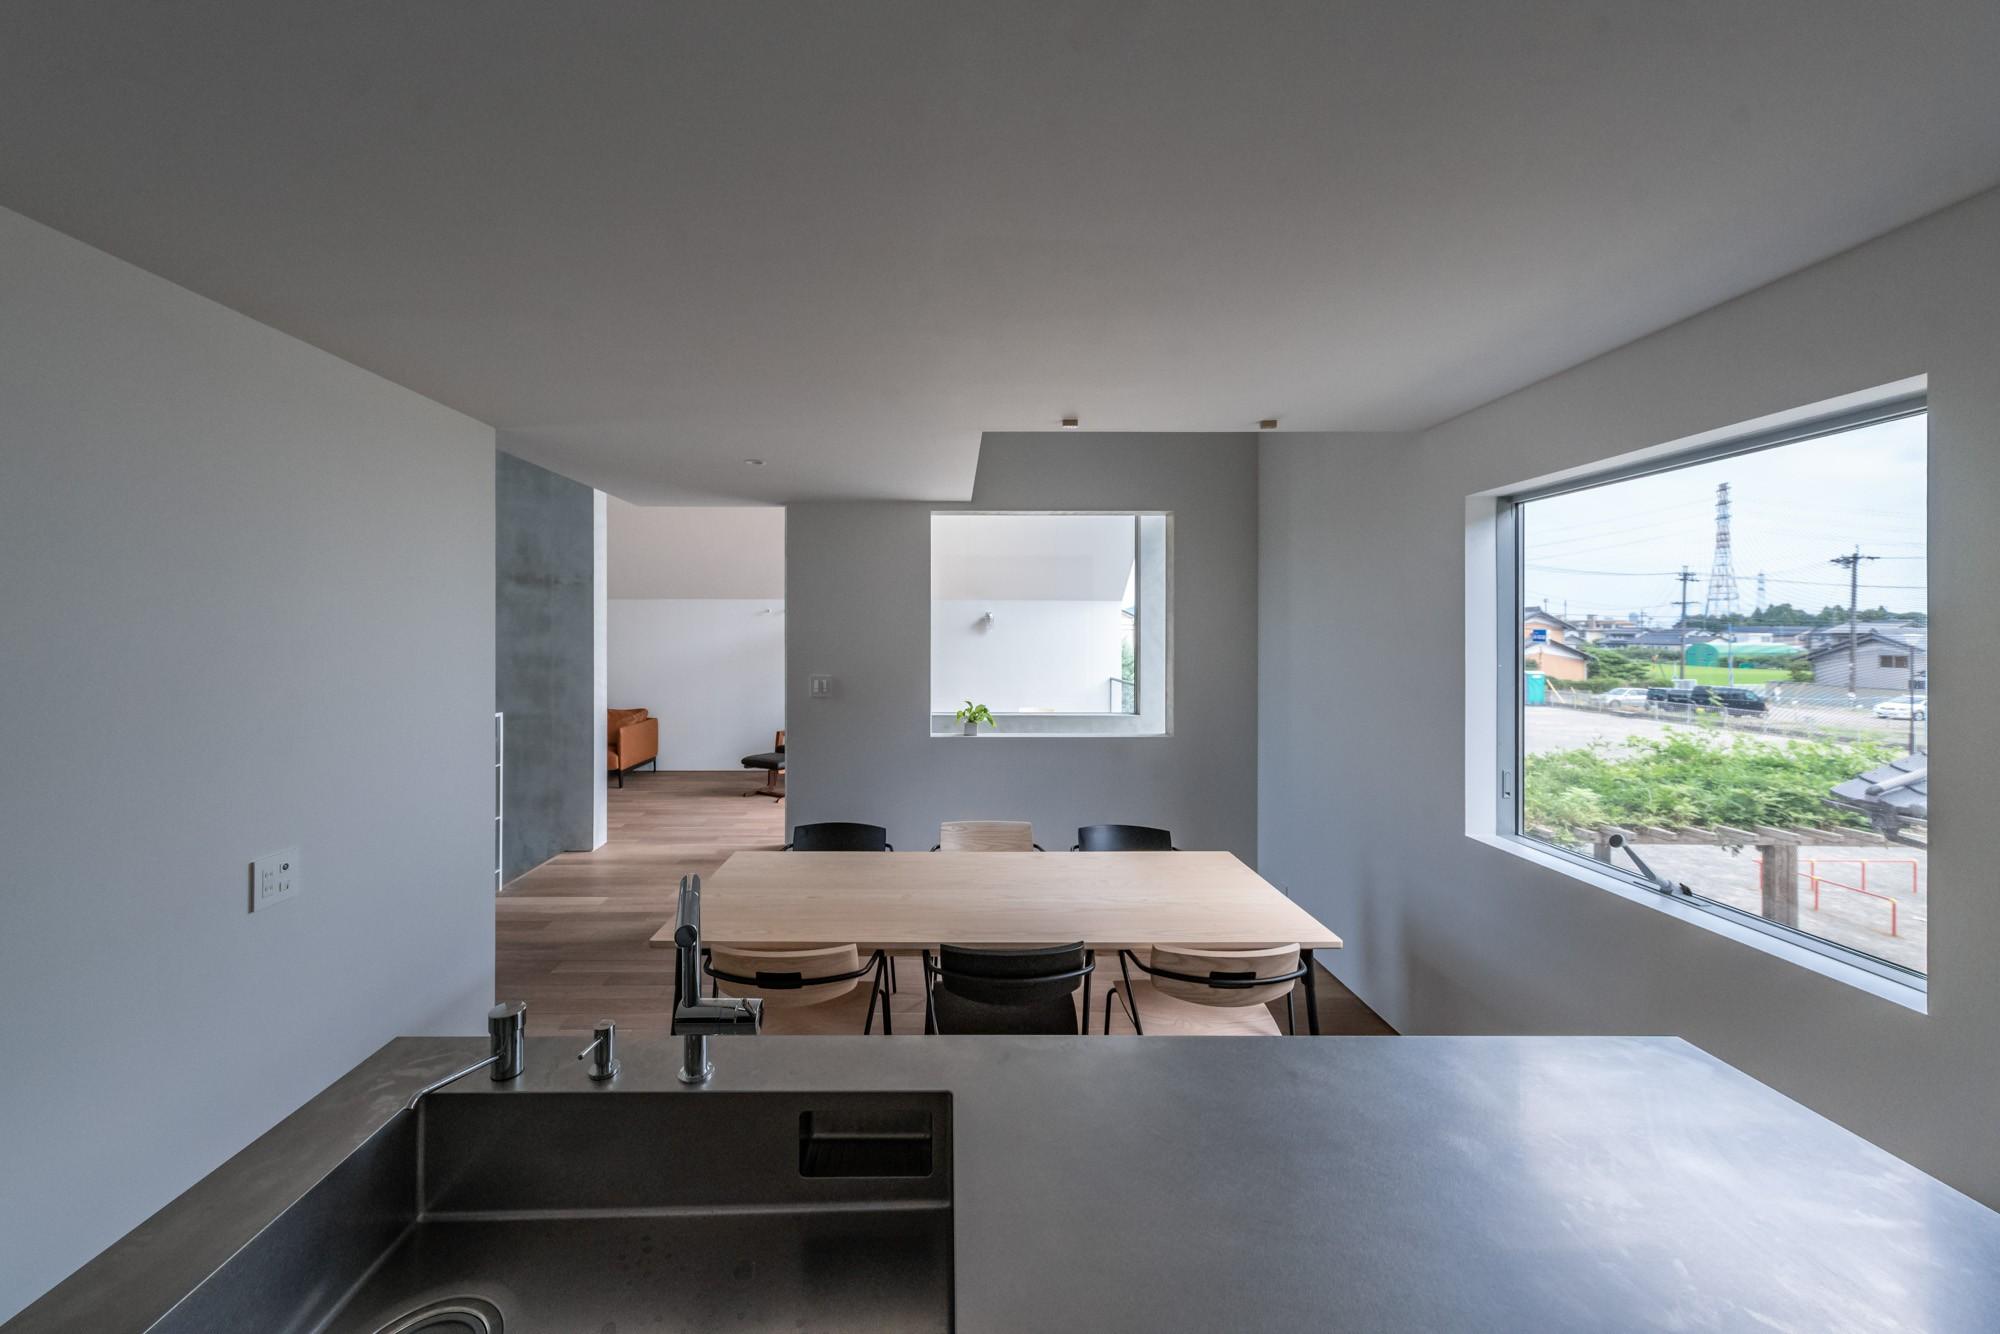 キッチン事例:キッチン ダイニング 動線室(西改田の二世帯住宅)